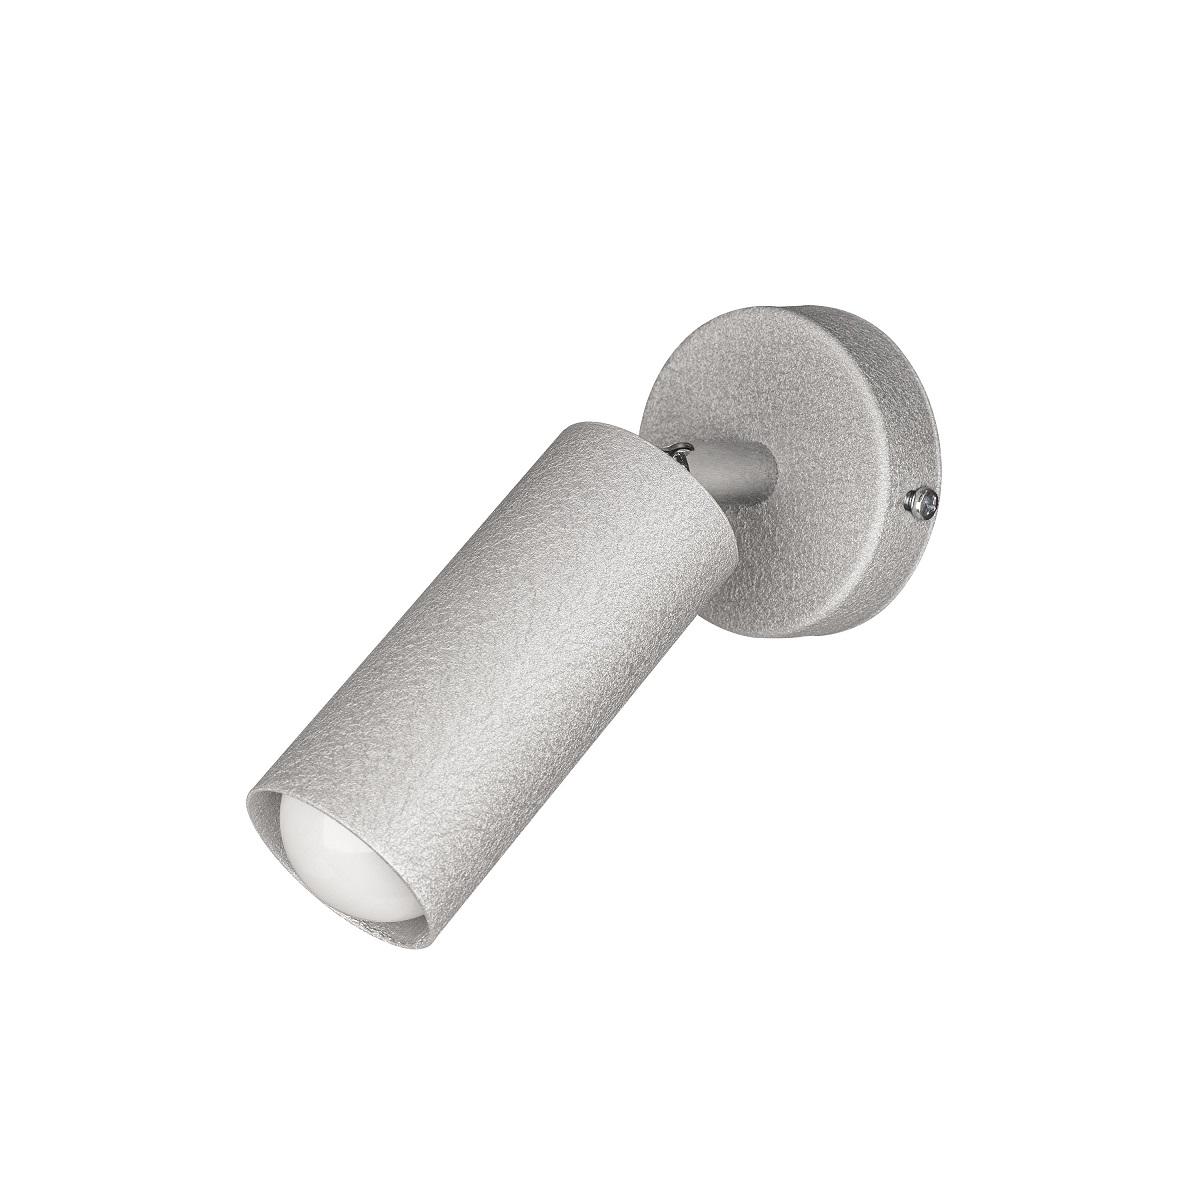 Світильники ЛОФТ - Люстра лофт потолочная с поворотным плафоном 000002753 - Фото 2